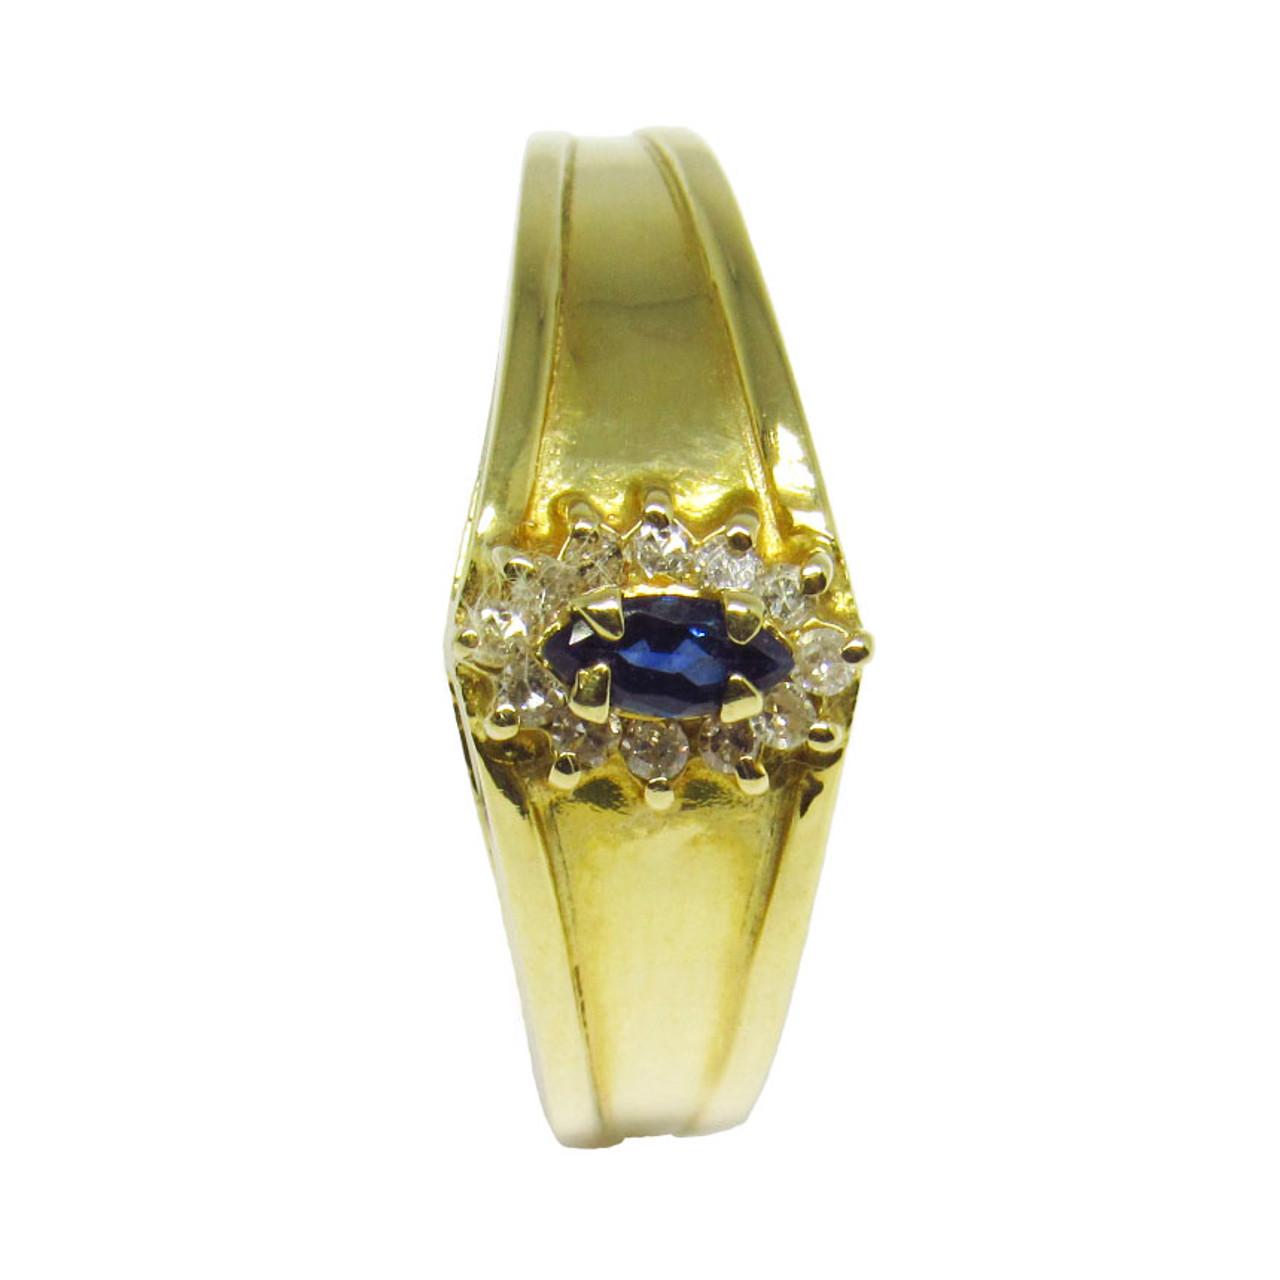 Anel de formatura de ouro 18k com brilhantes e safira azul 12 pts 7,85mm bbe8957cd2